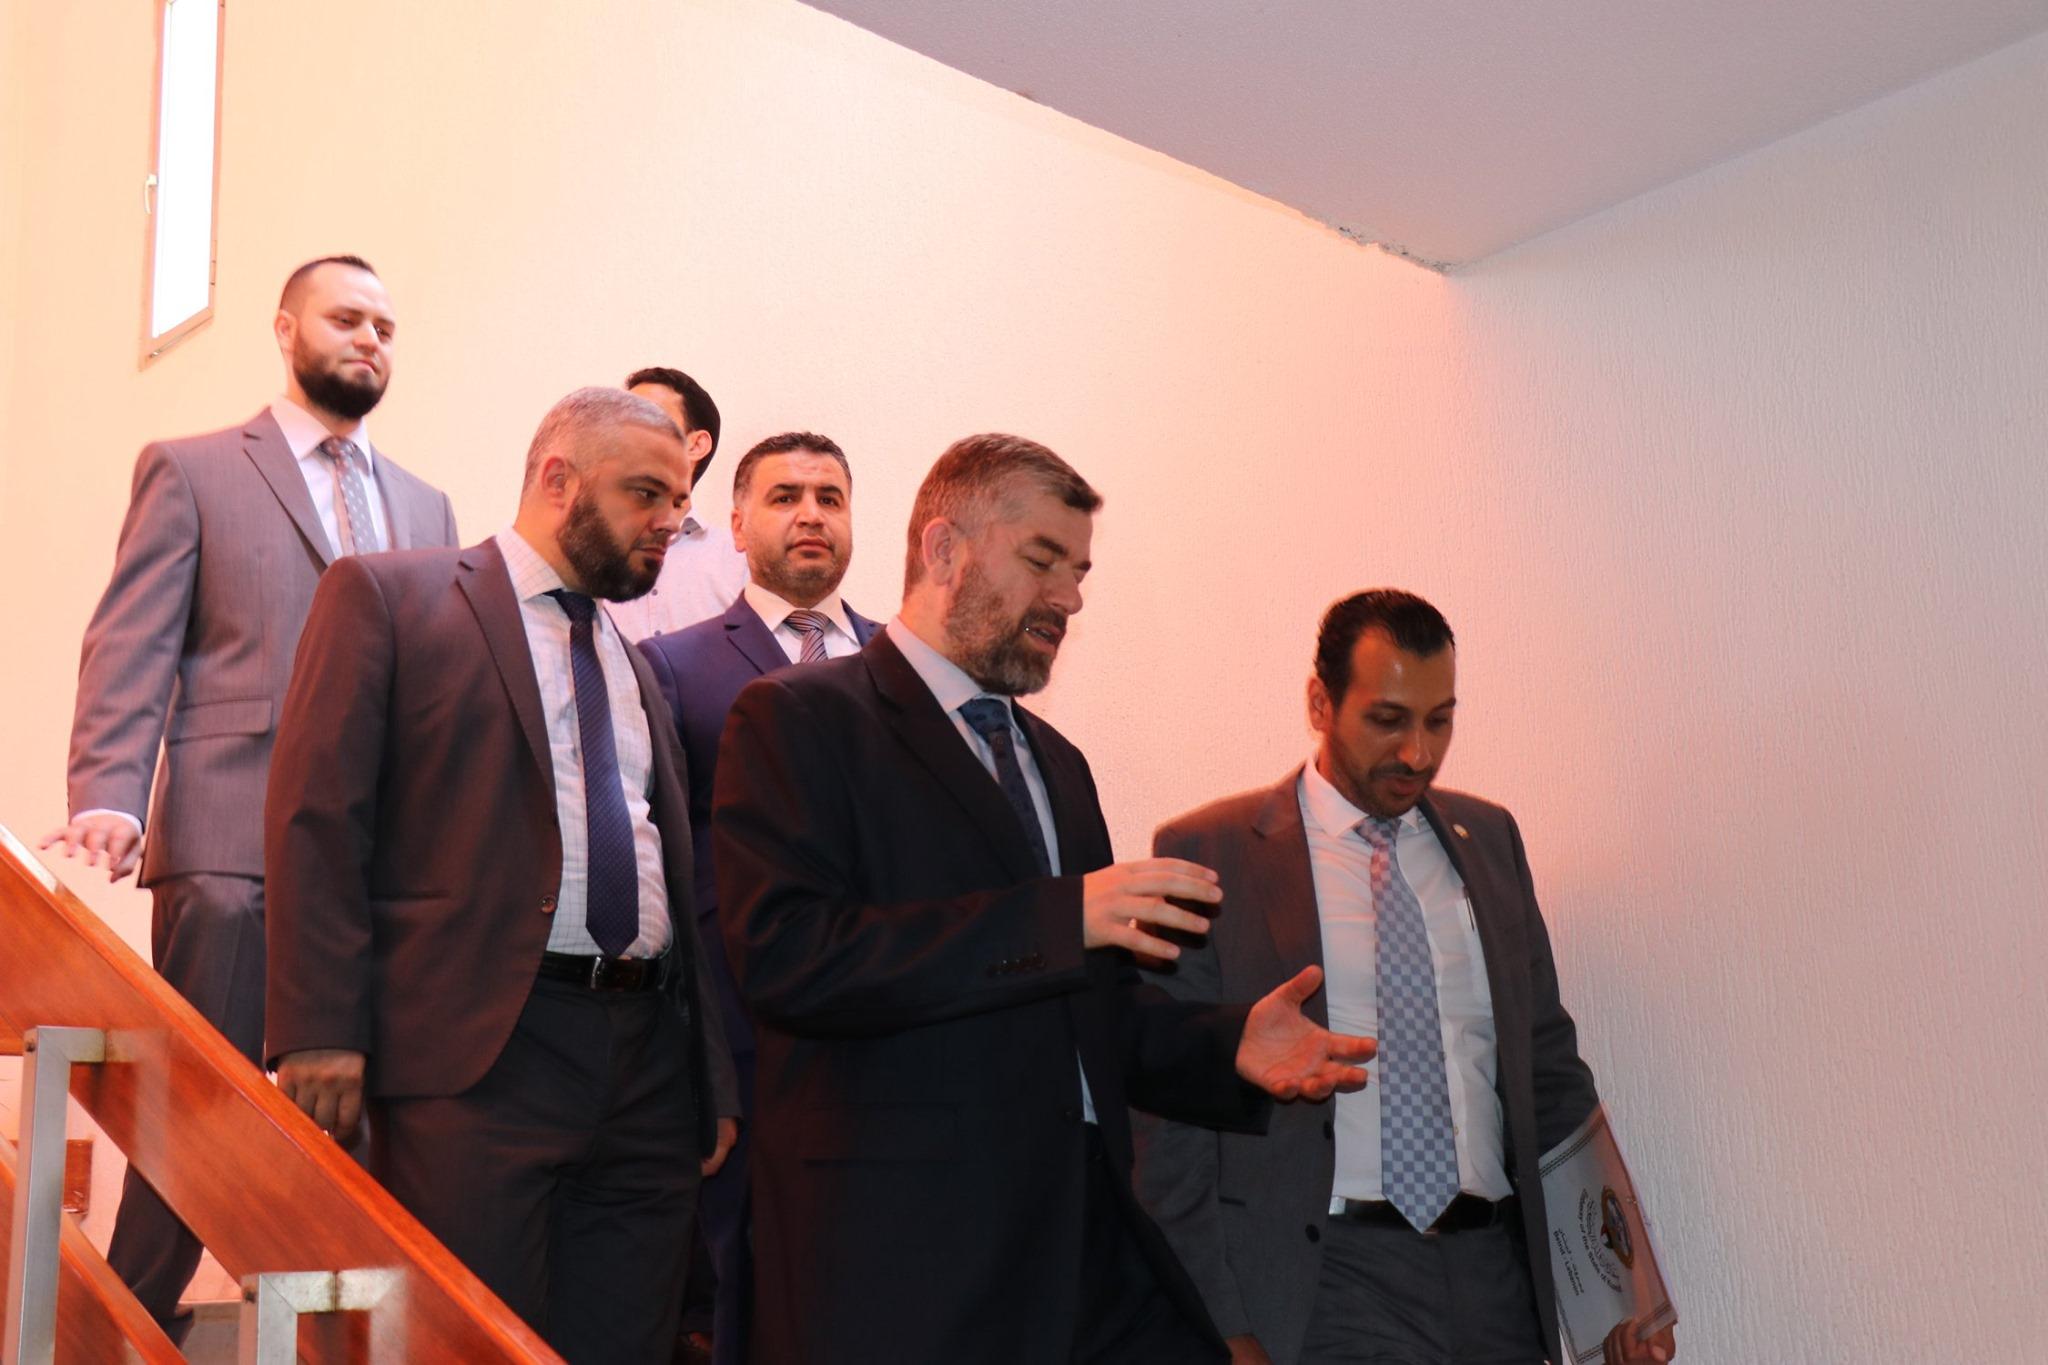 السكرتير الأول في السفارة الكويتية في بيروت يزور مجمع الإصلاح الإسلامي في طرابلس (4/5)